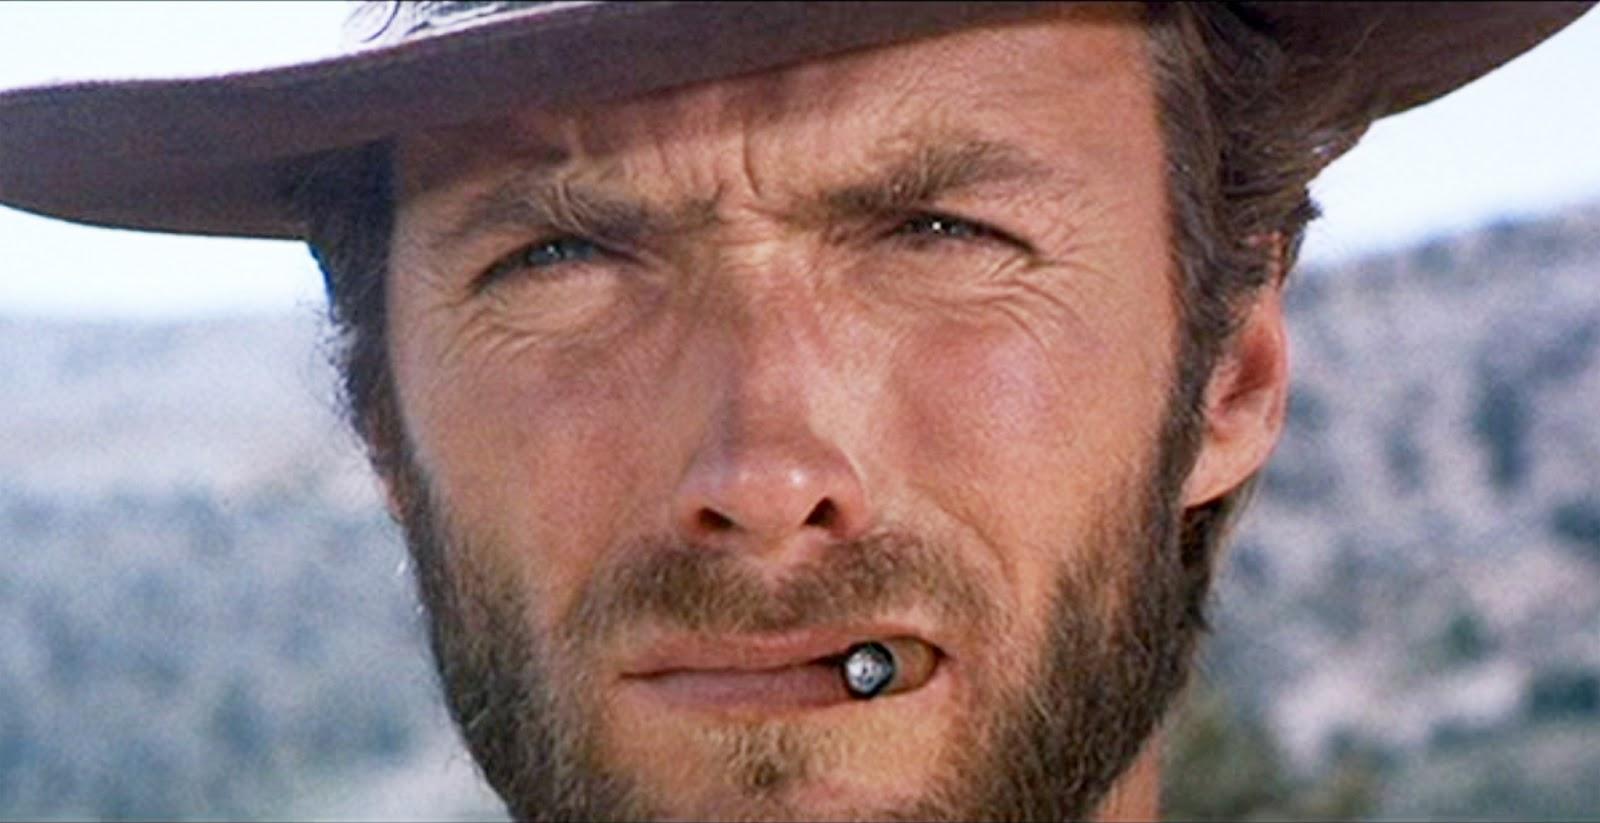 Tres Homens em Conflito – Clint Eastwood – Melhores Filmes 1966